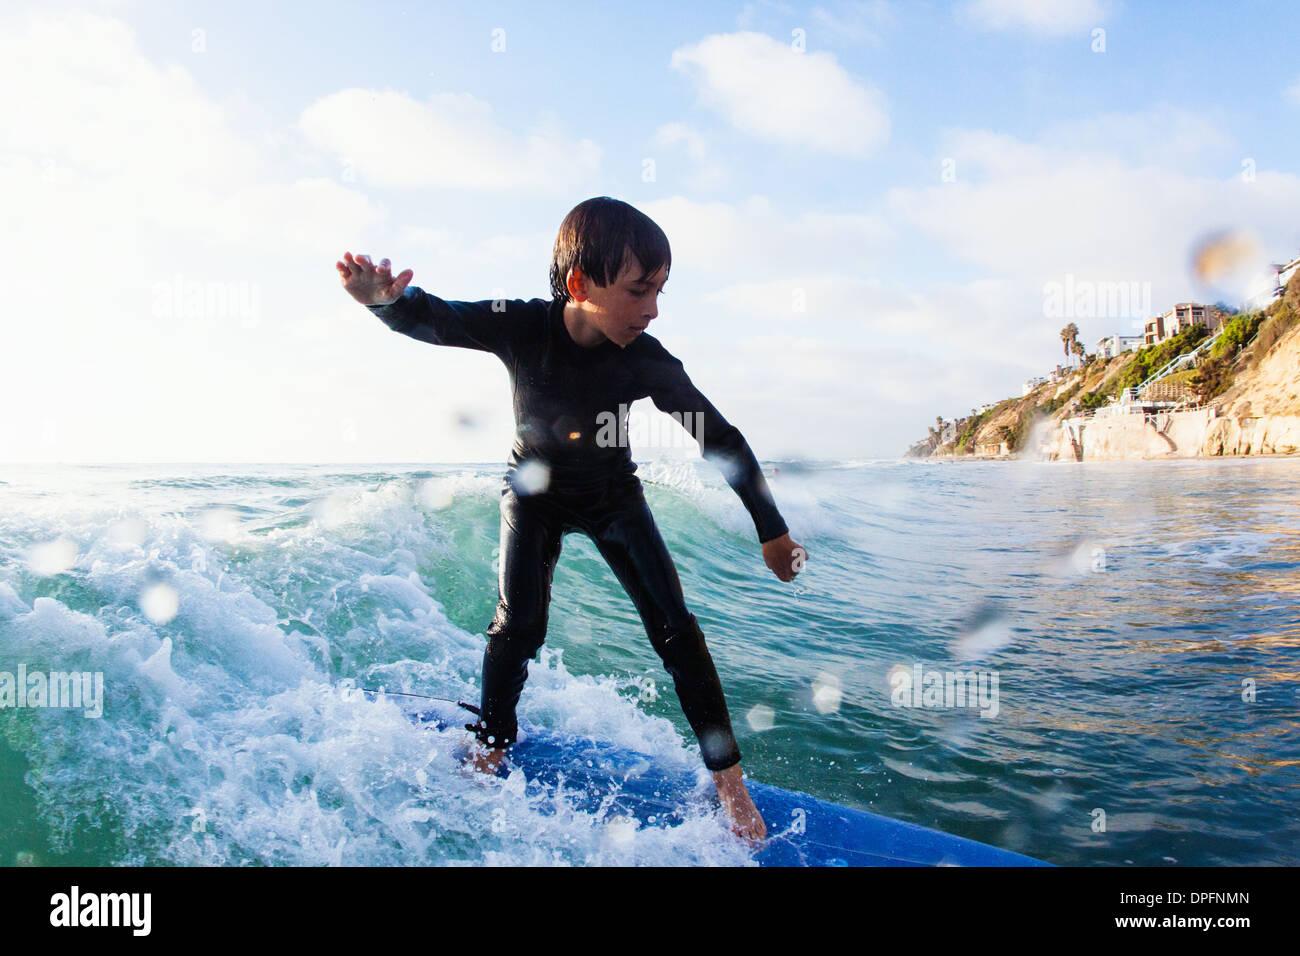 Giovane ragazzo onda Surf, Encinitas, CALIFORNIA, STATI UNITI D'AMERICA Immagini Stock